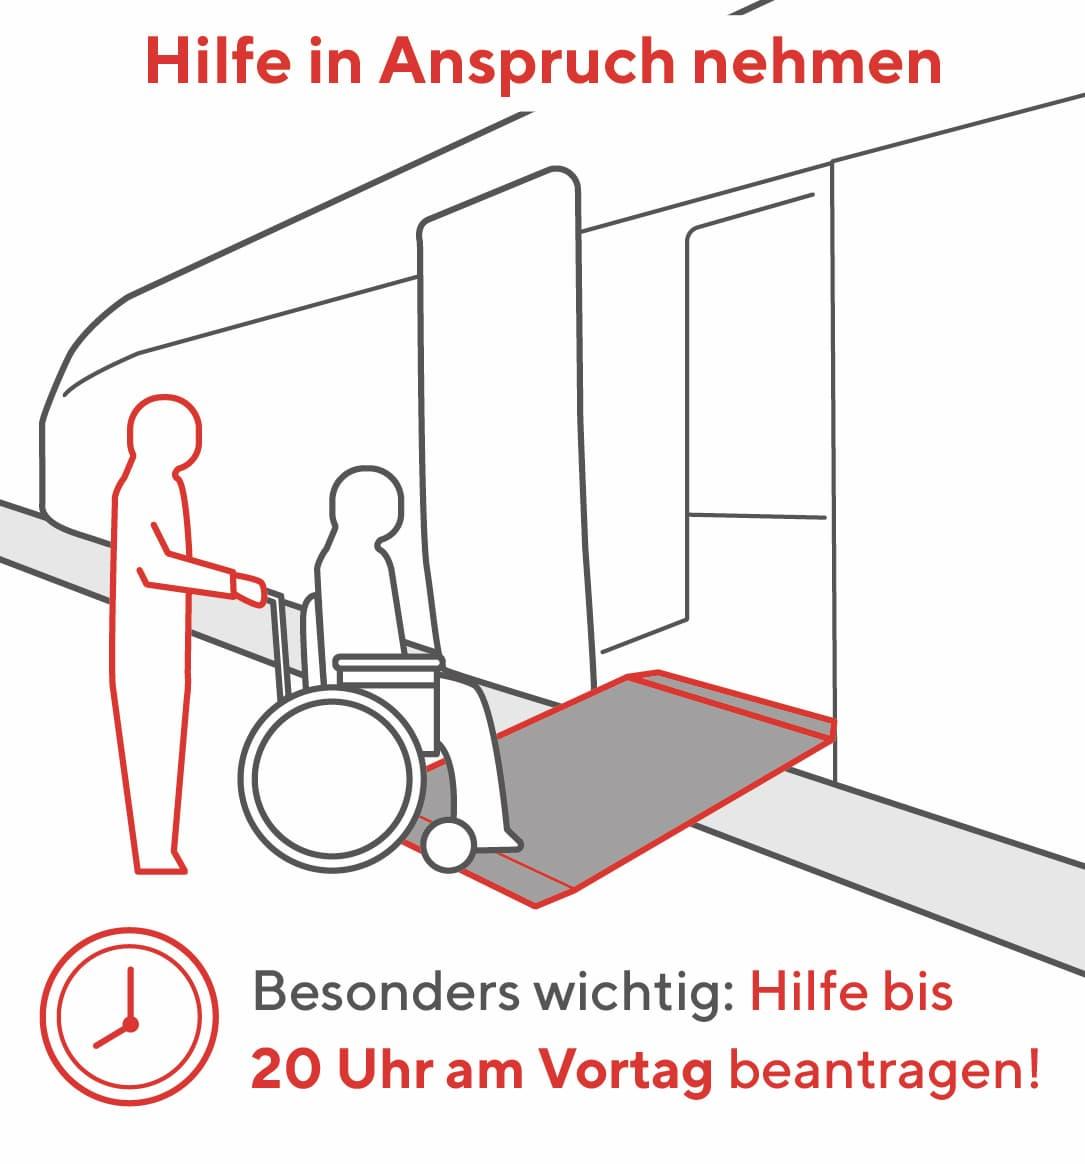 Barrierefrei mit der Bahn reisen: Nehmen Sie Hilfe in Anspruch